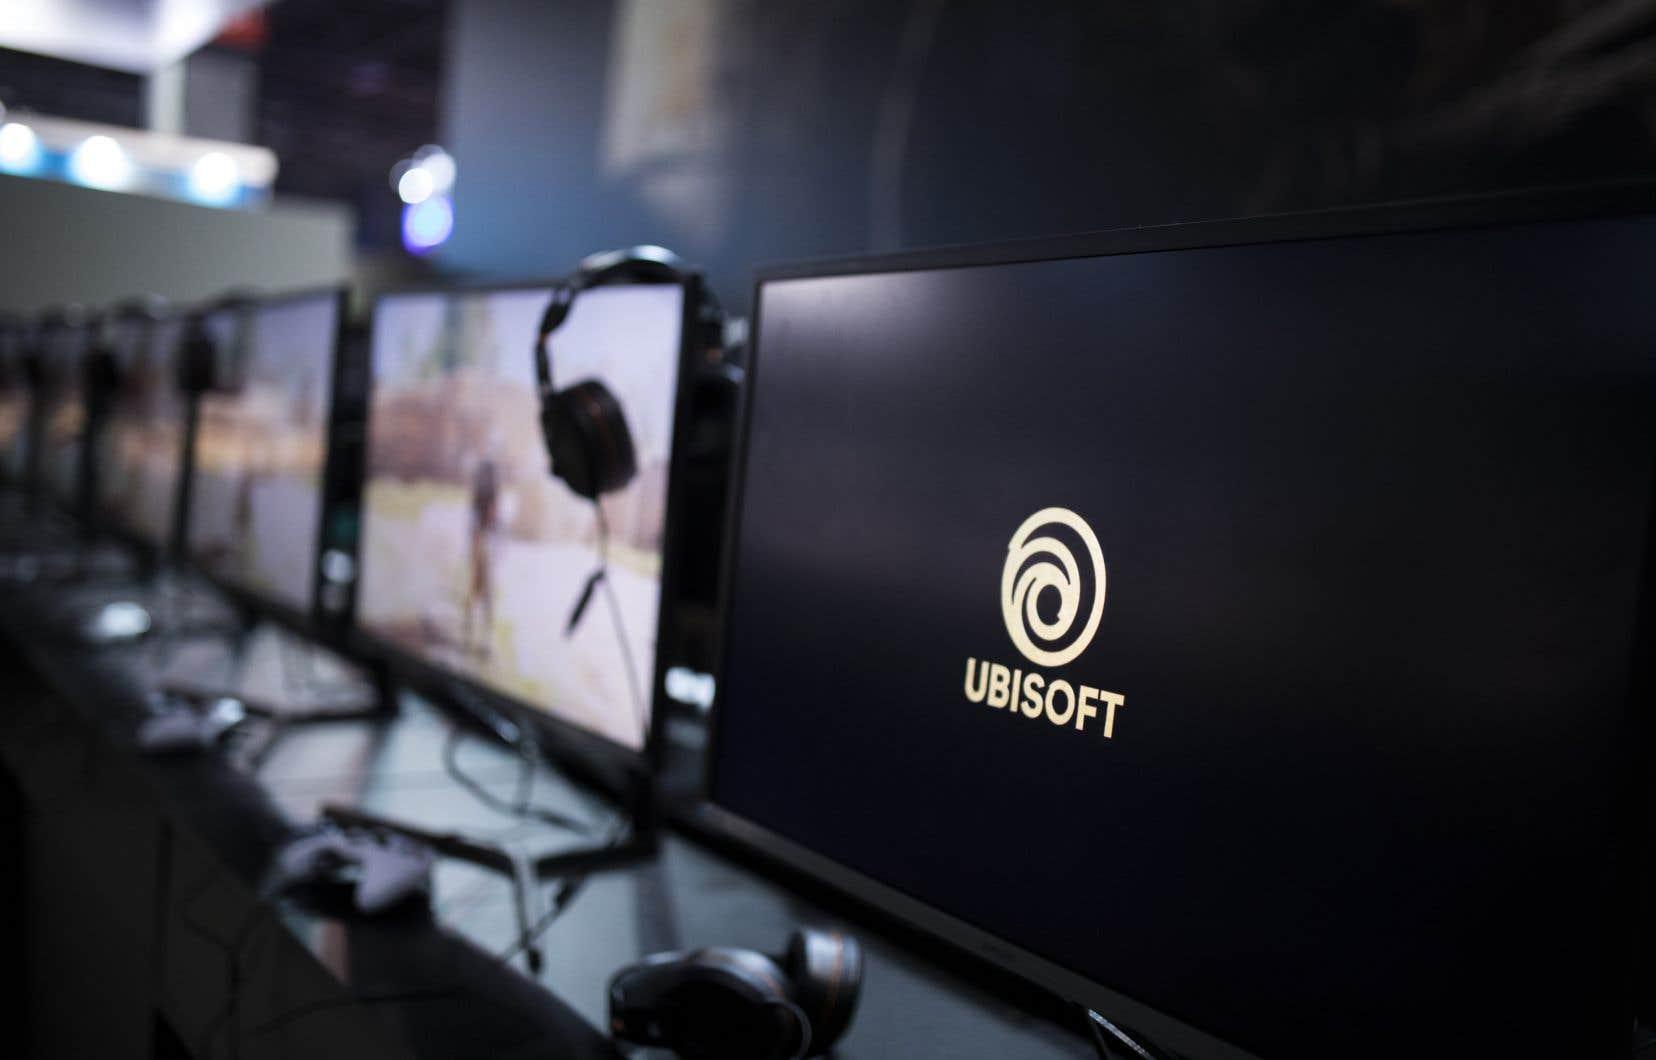 Ubisoft a nommé plus tôt ce mois-ci un nouveau directeur de son studio montréalais.